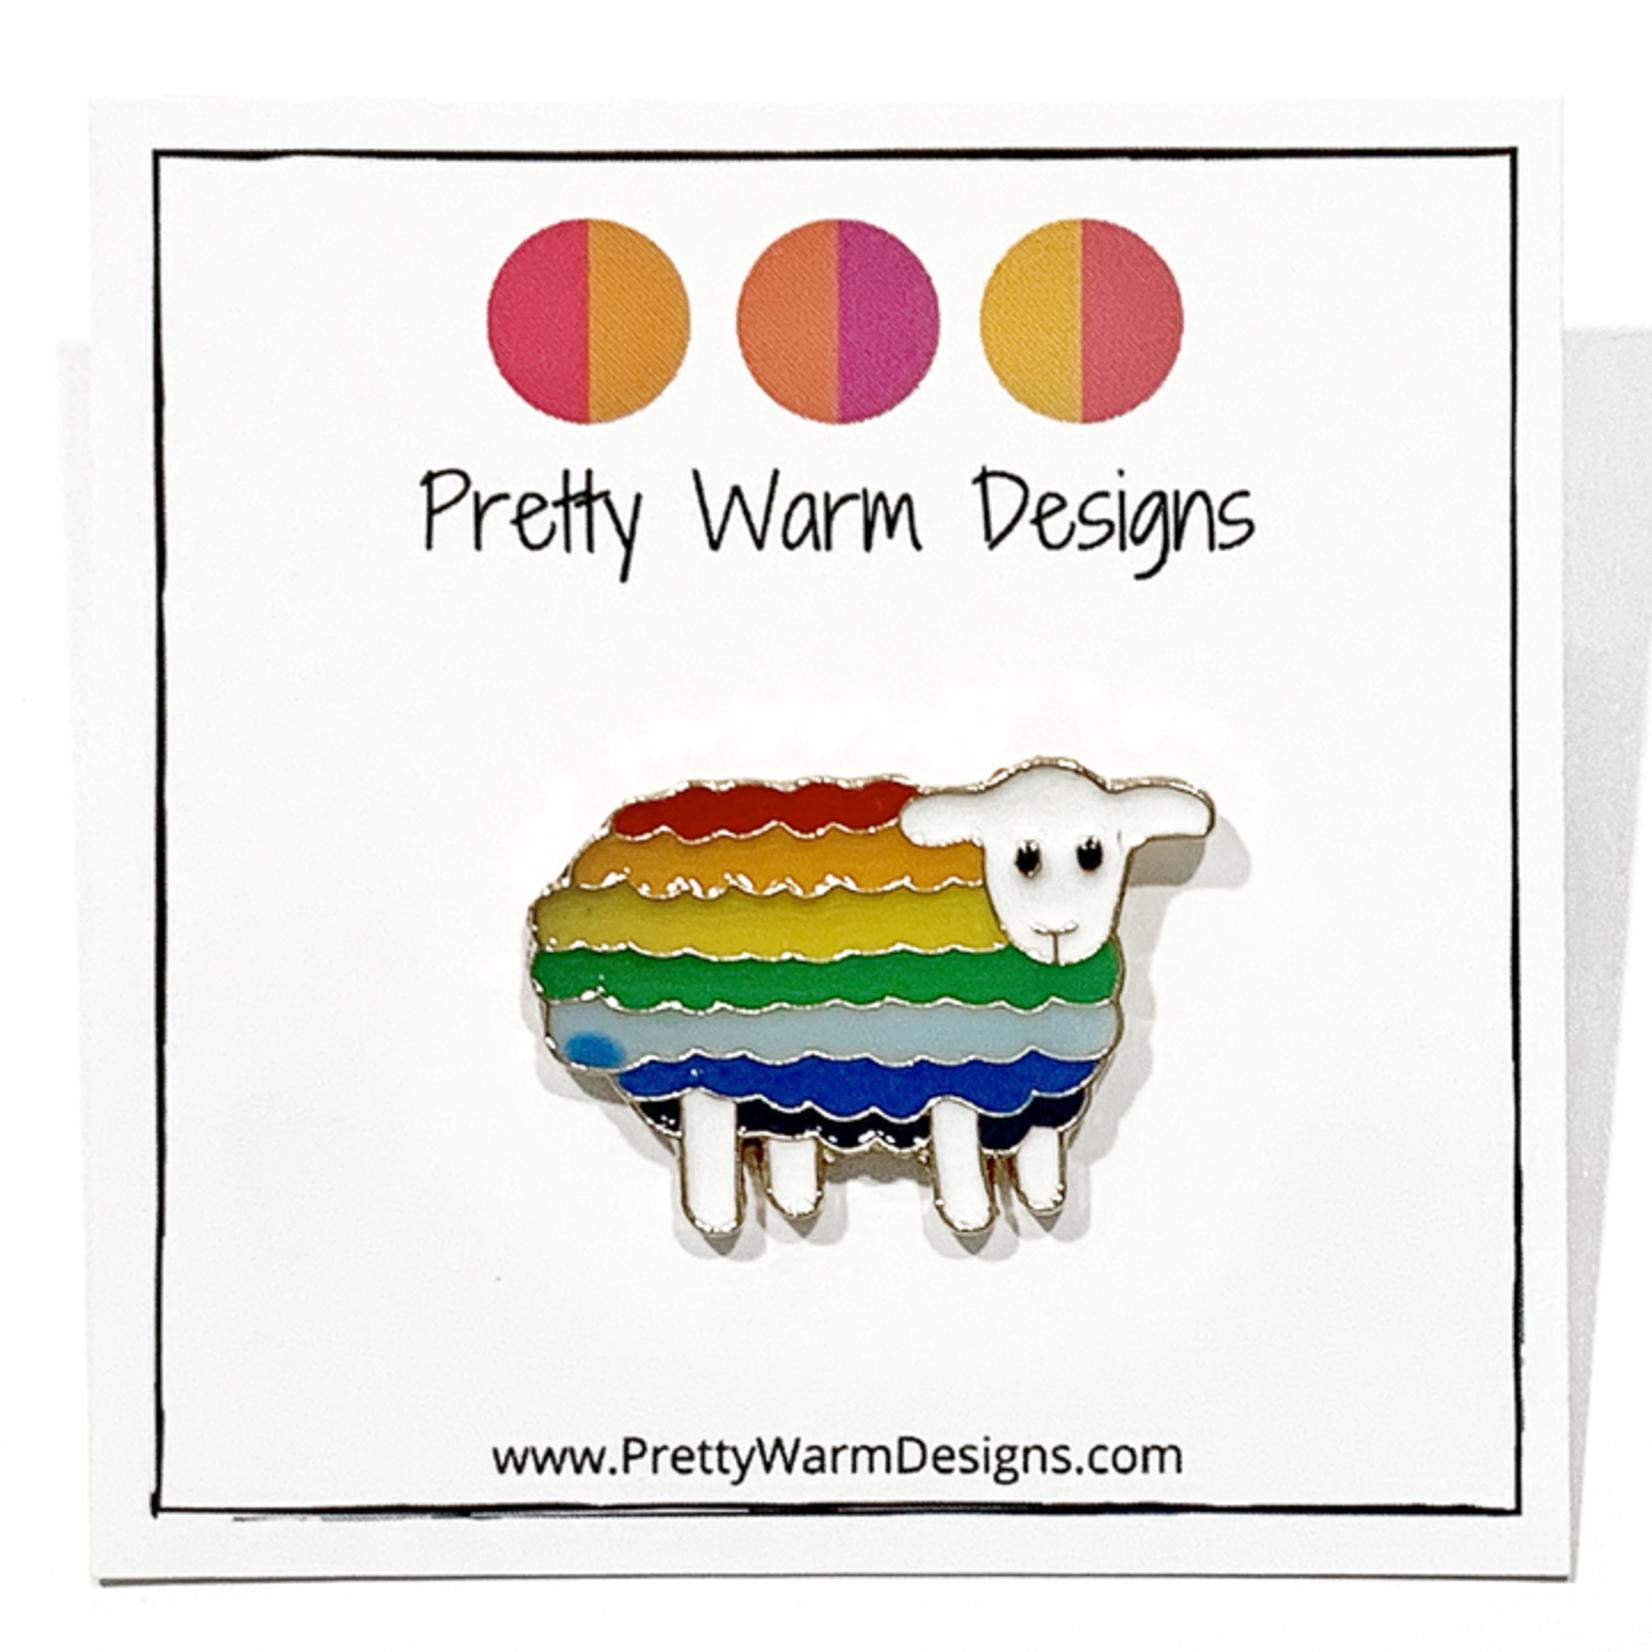 Pretty Warm Designs Knitting and Crochet Enamel Pins by Pretty Warm Designs